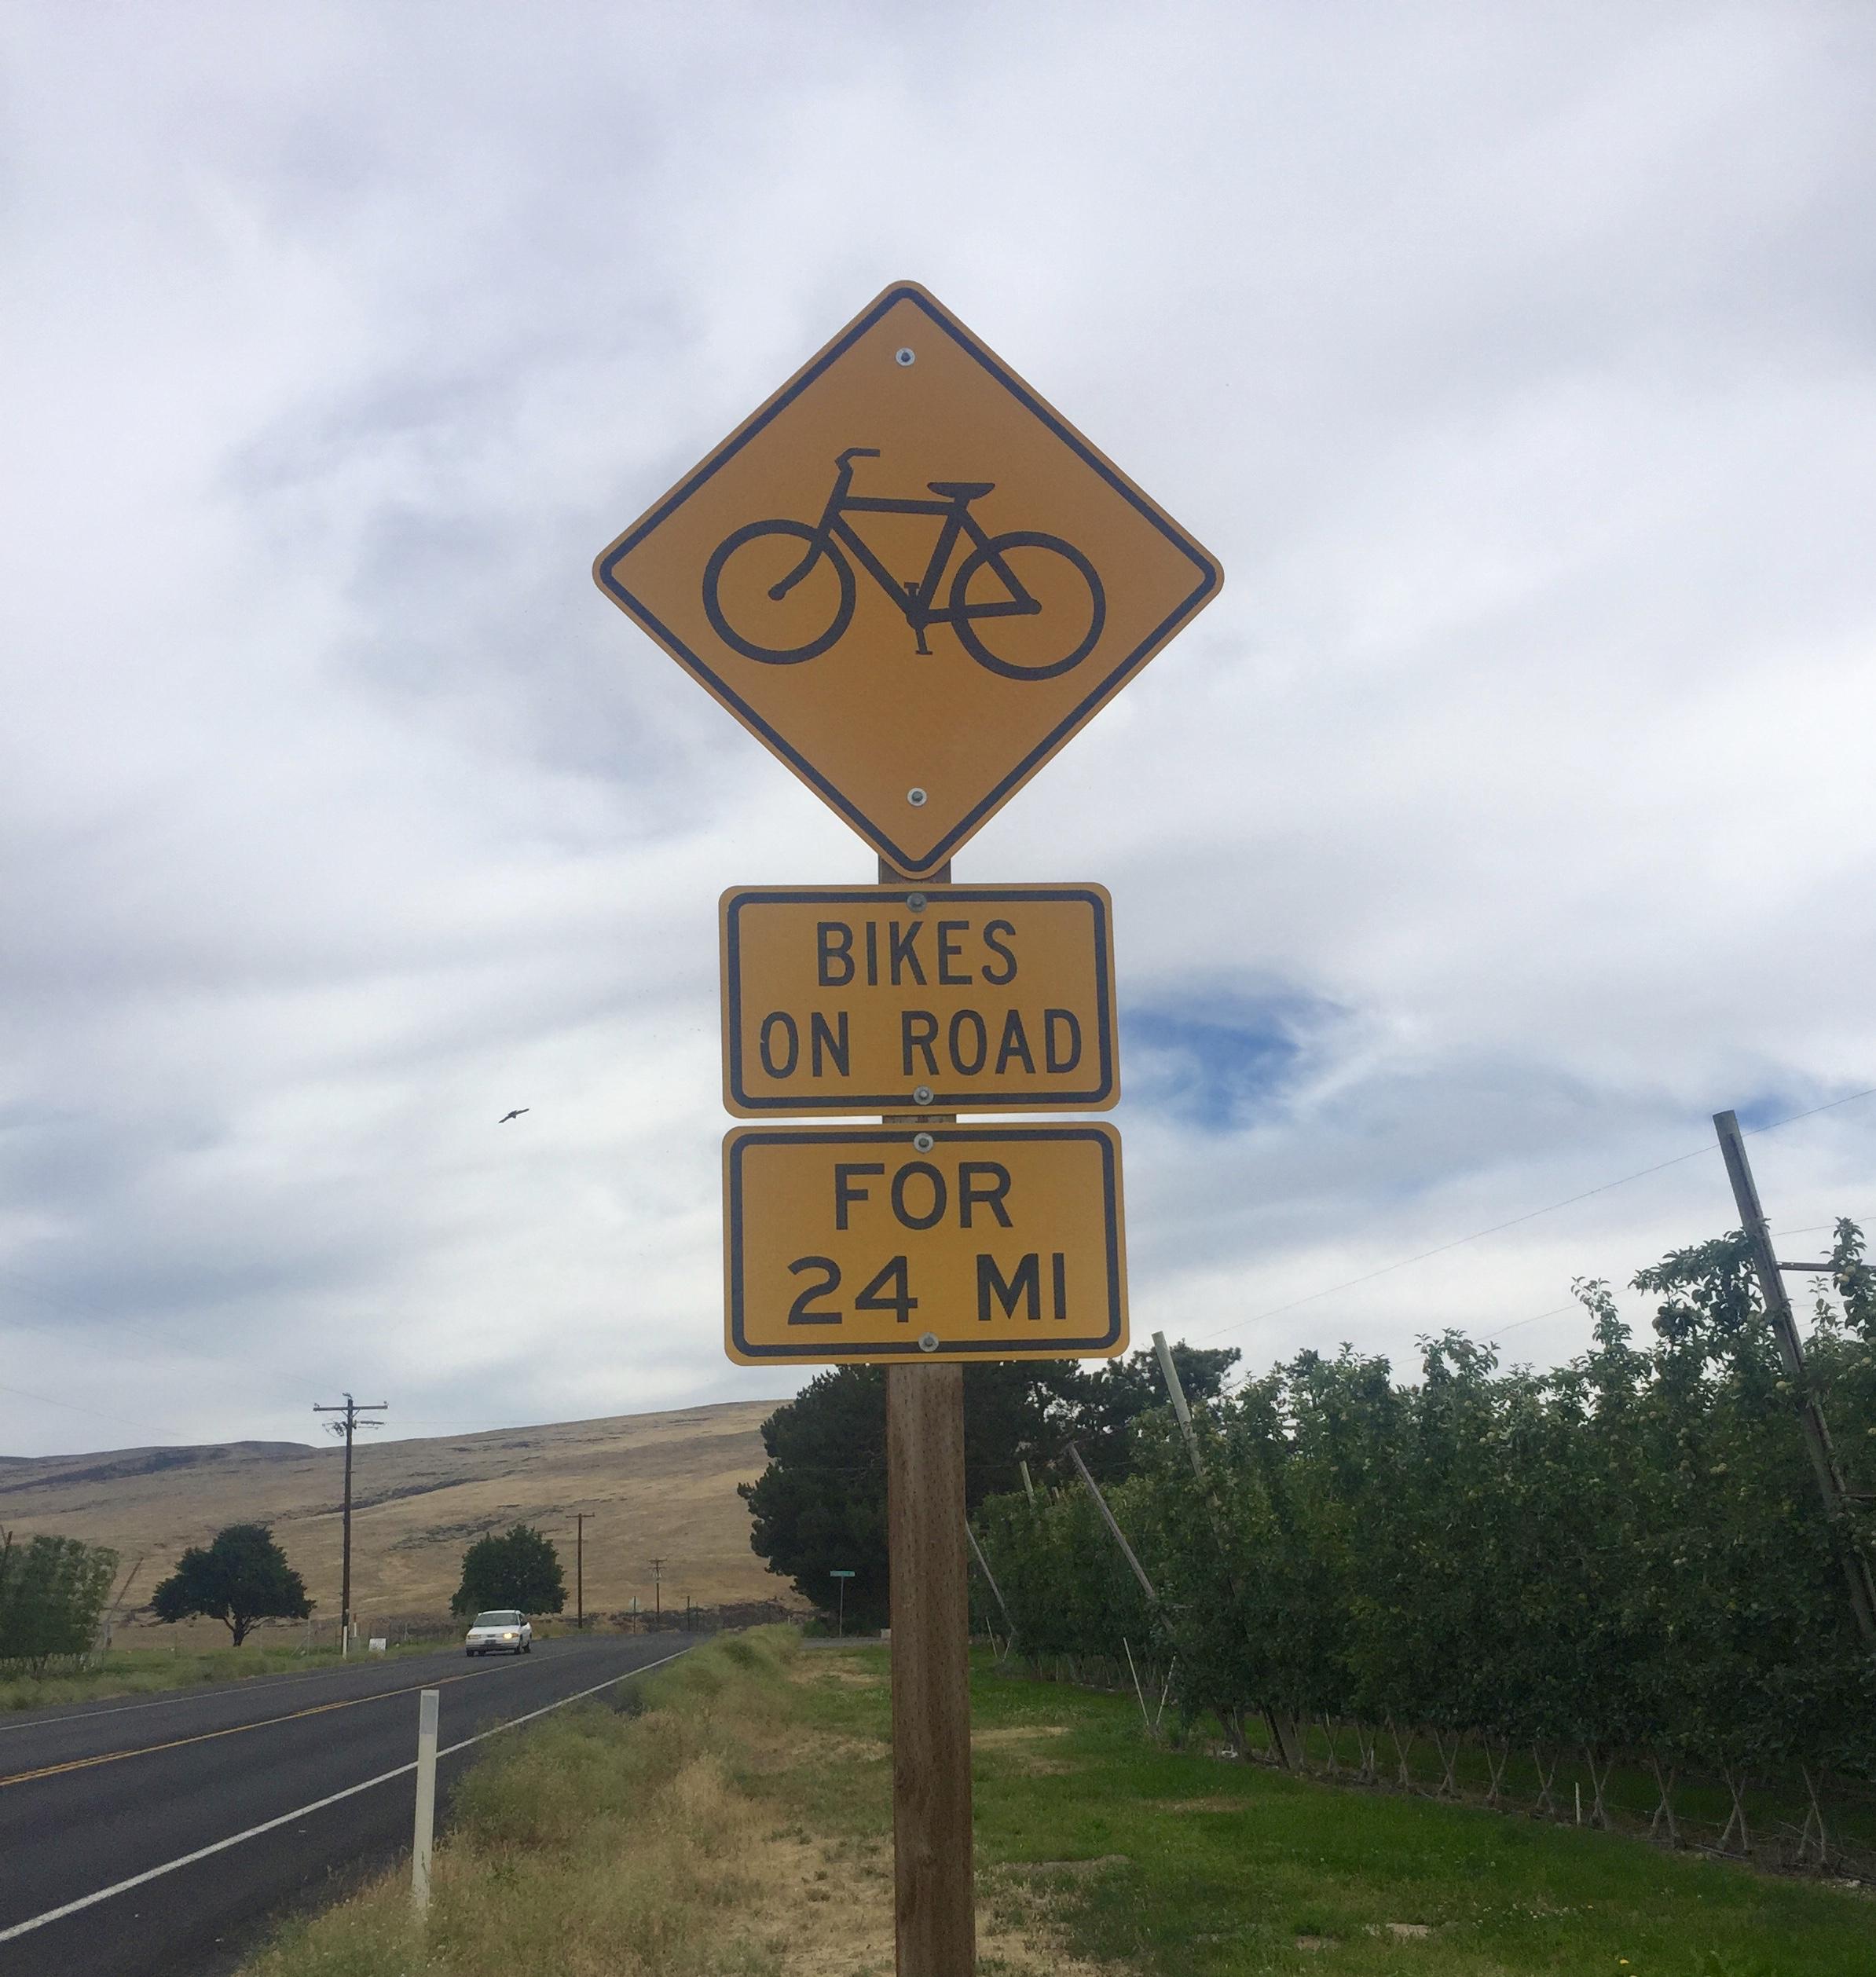 Bikes on road